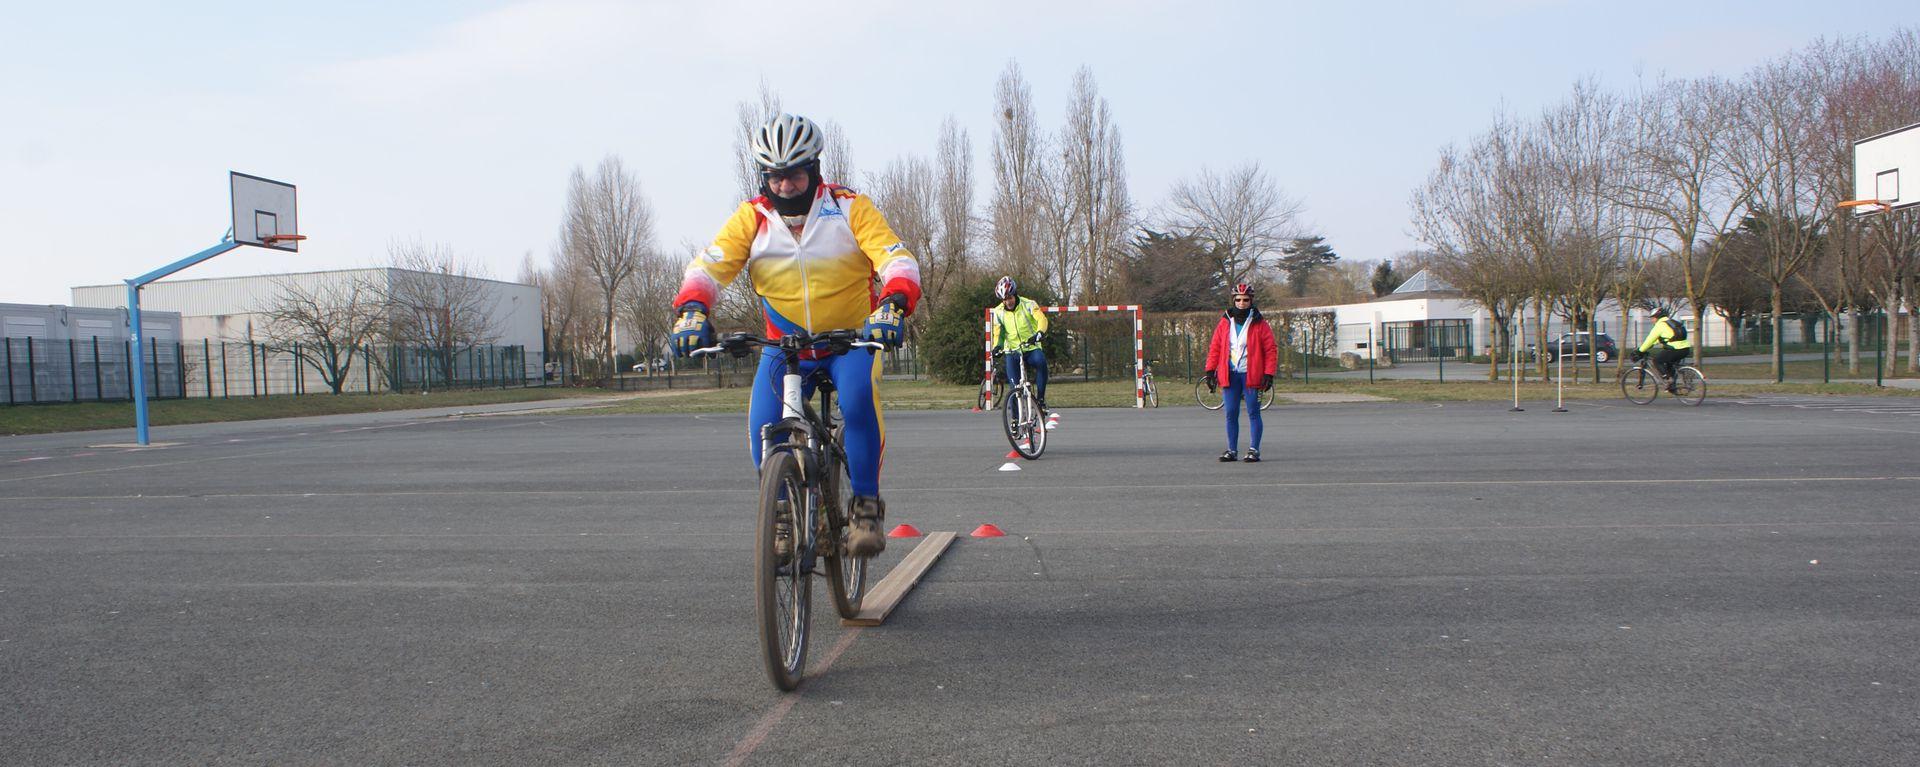 Stage d'initiateur (Copyrigt - Club de Cyclo de Dompierre sur Mer)